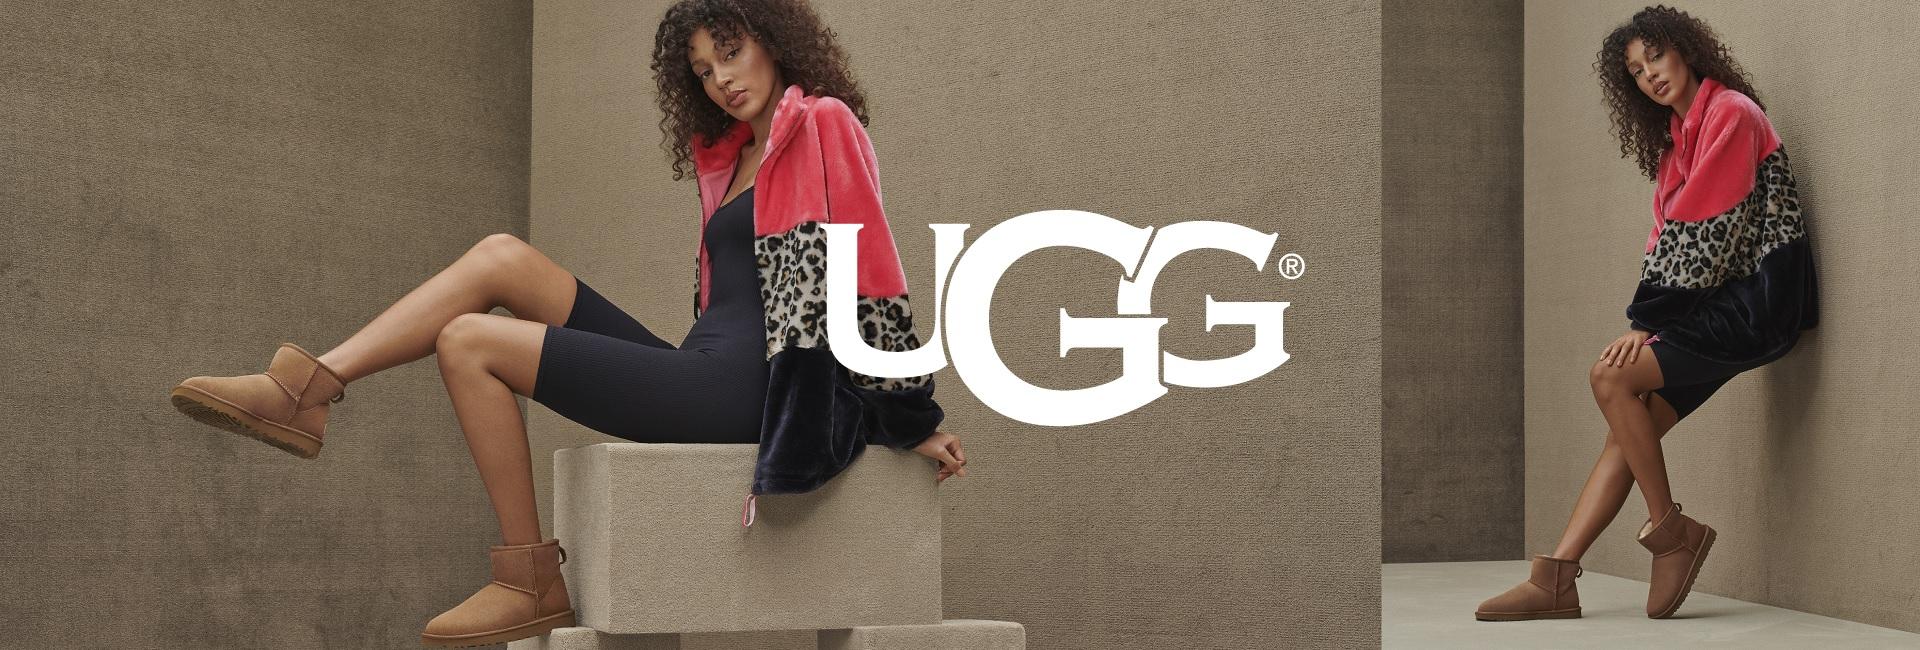 UGG Damenschuhe online kaufen im Prange Schuhe Shop